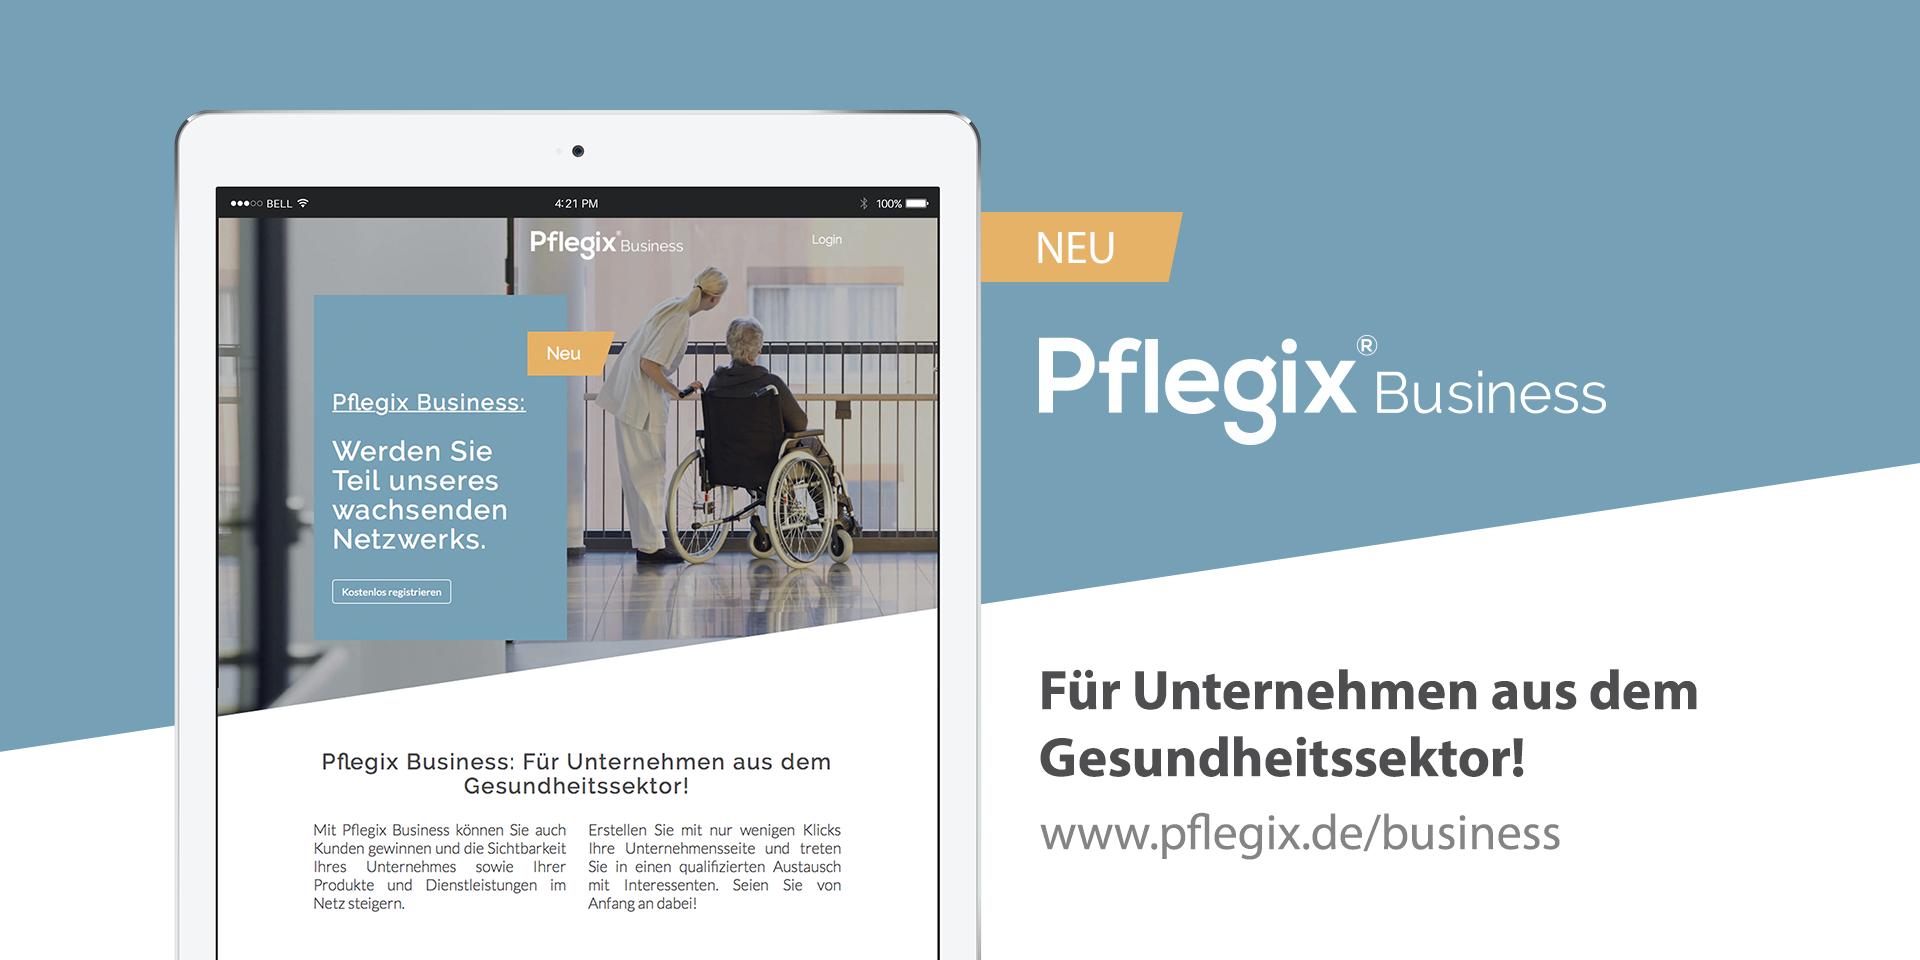 Pflegix öffnet Marktplatz für Unternehmen